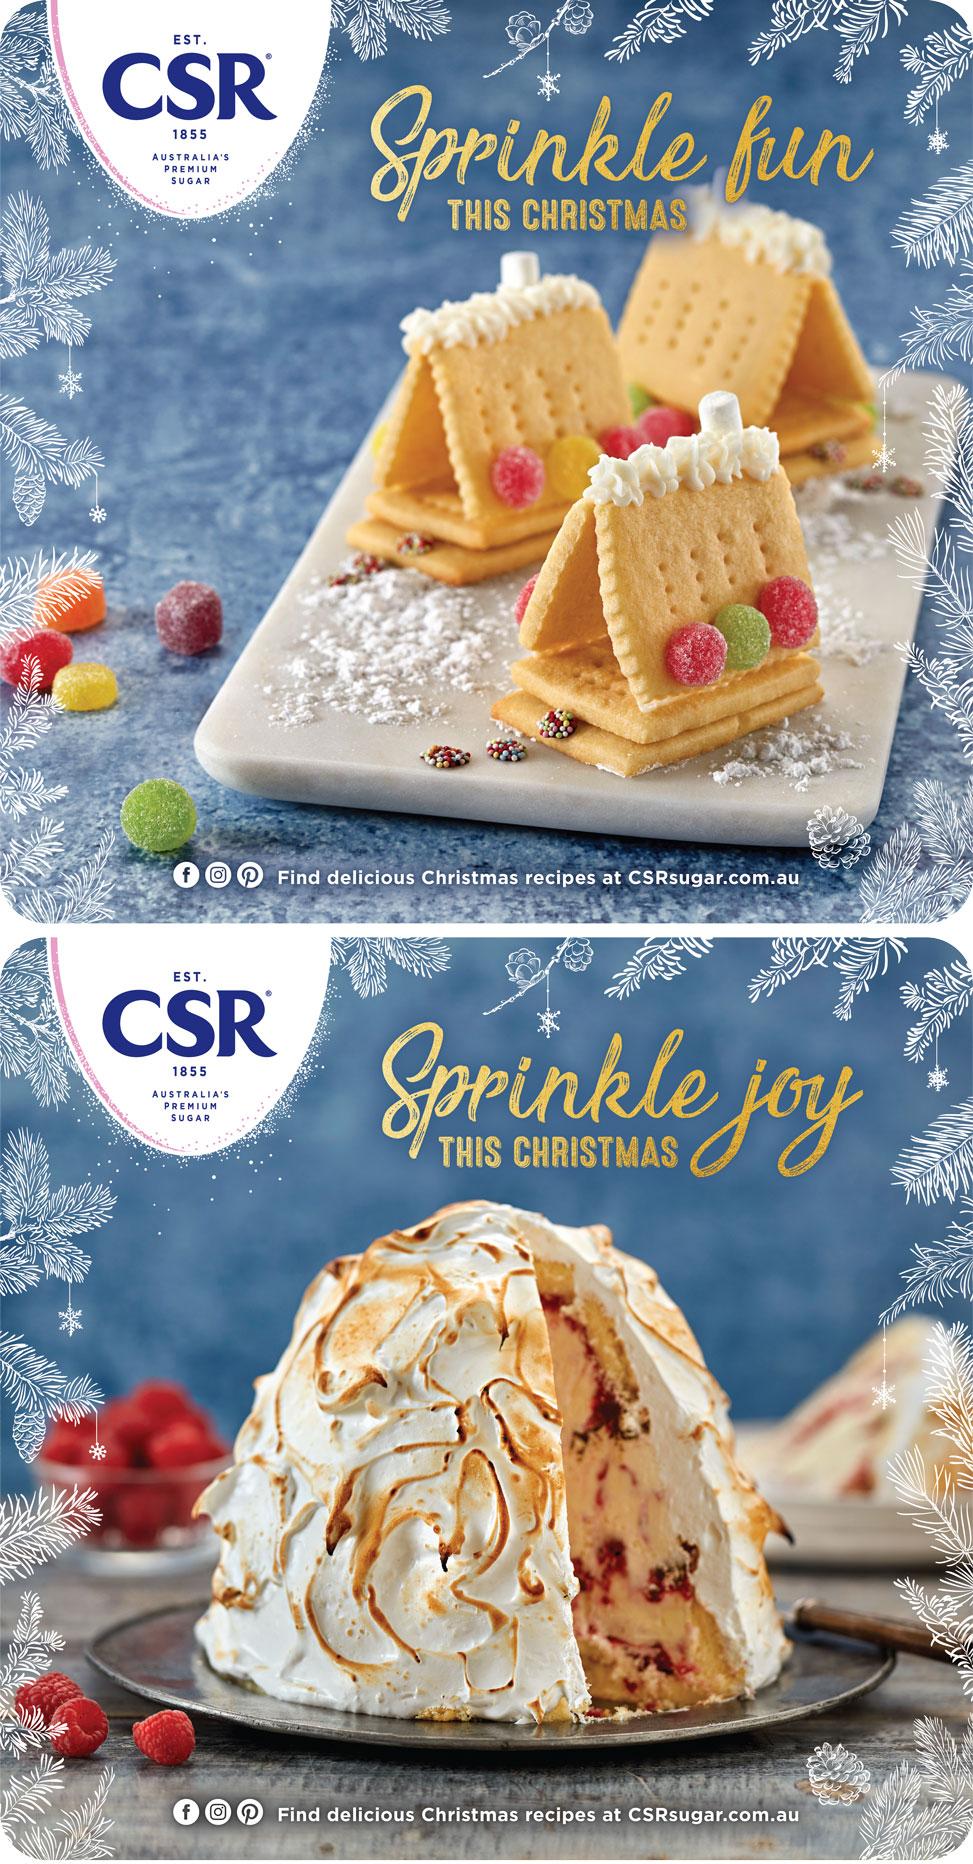 31st CSR Sugar Christmas 2019 Key visuals